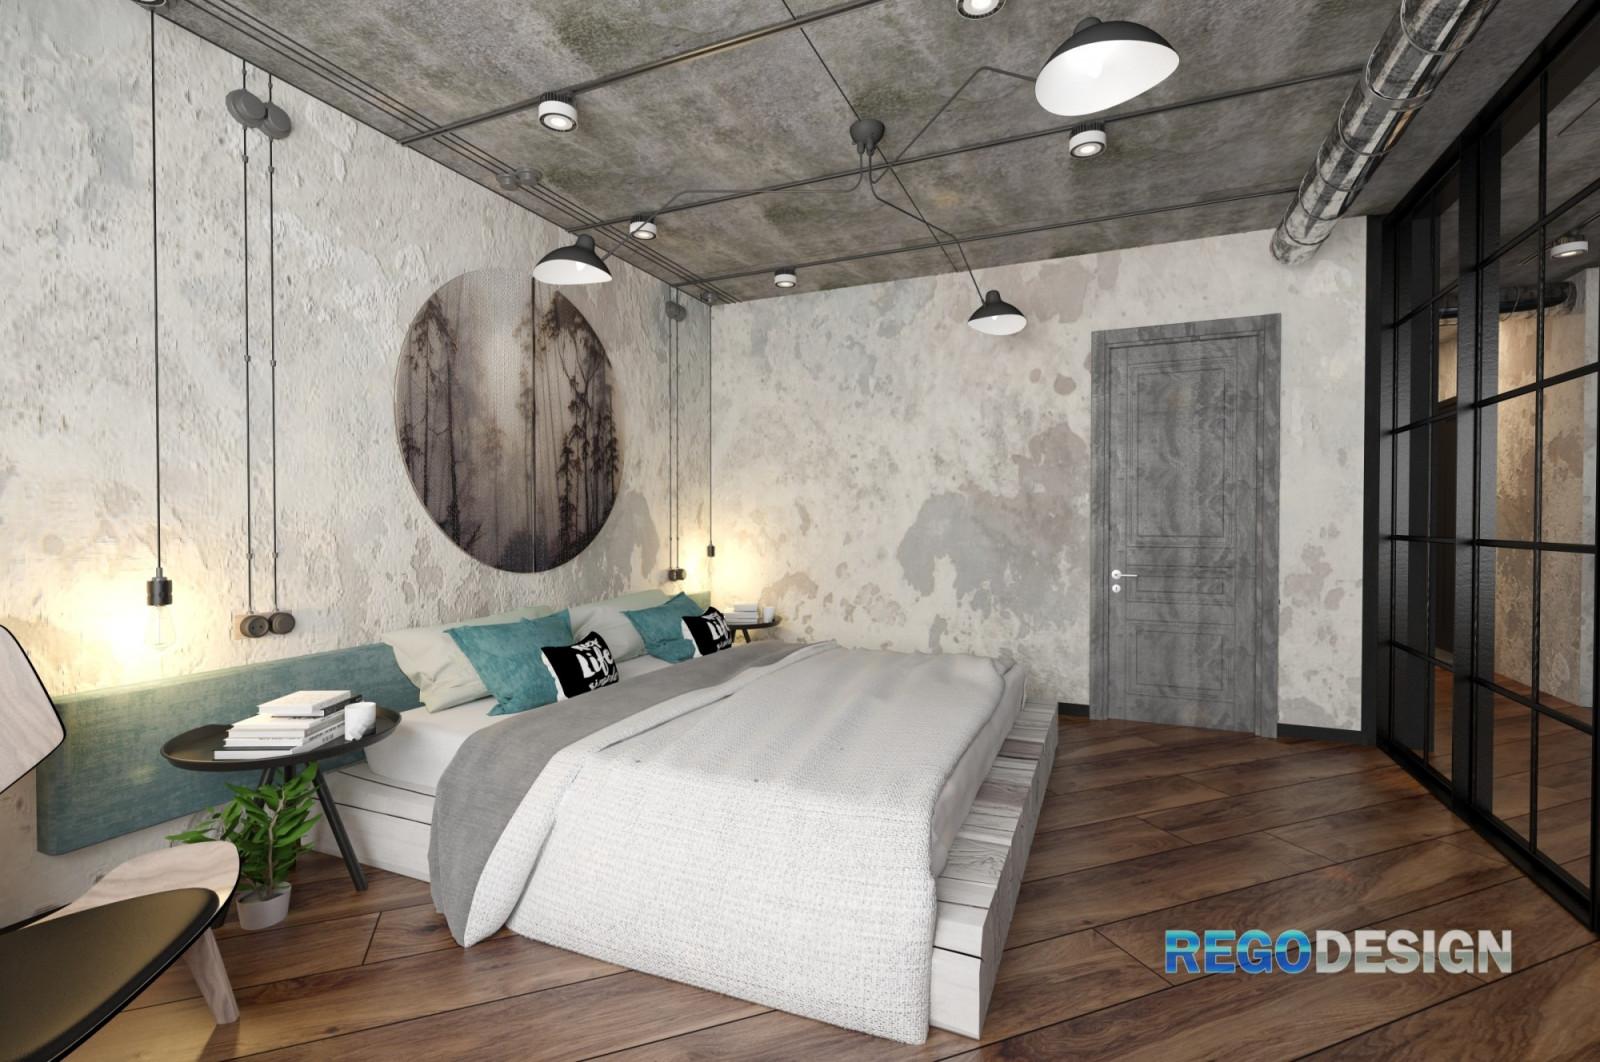 Дизайн спальни в мансарде - идеи интерьера